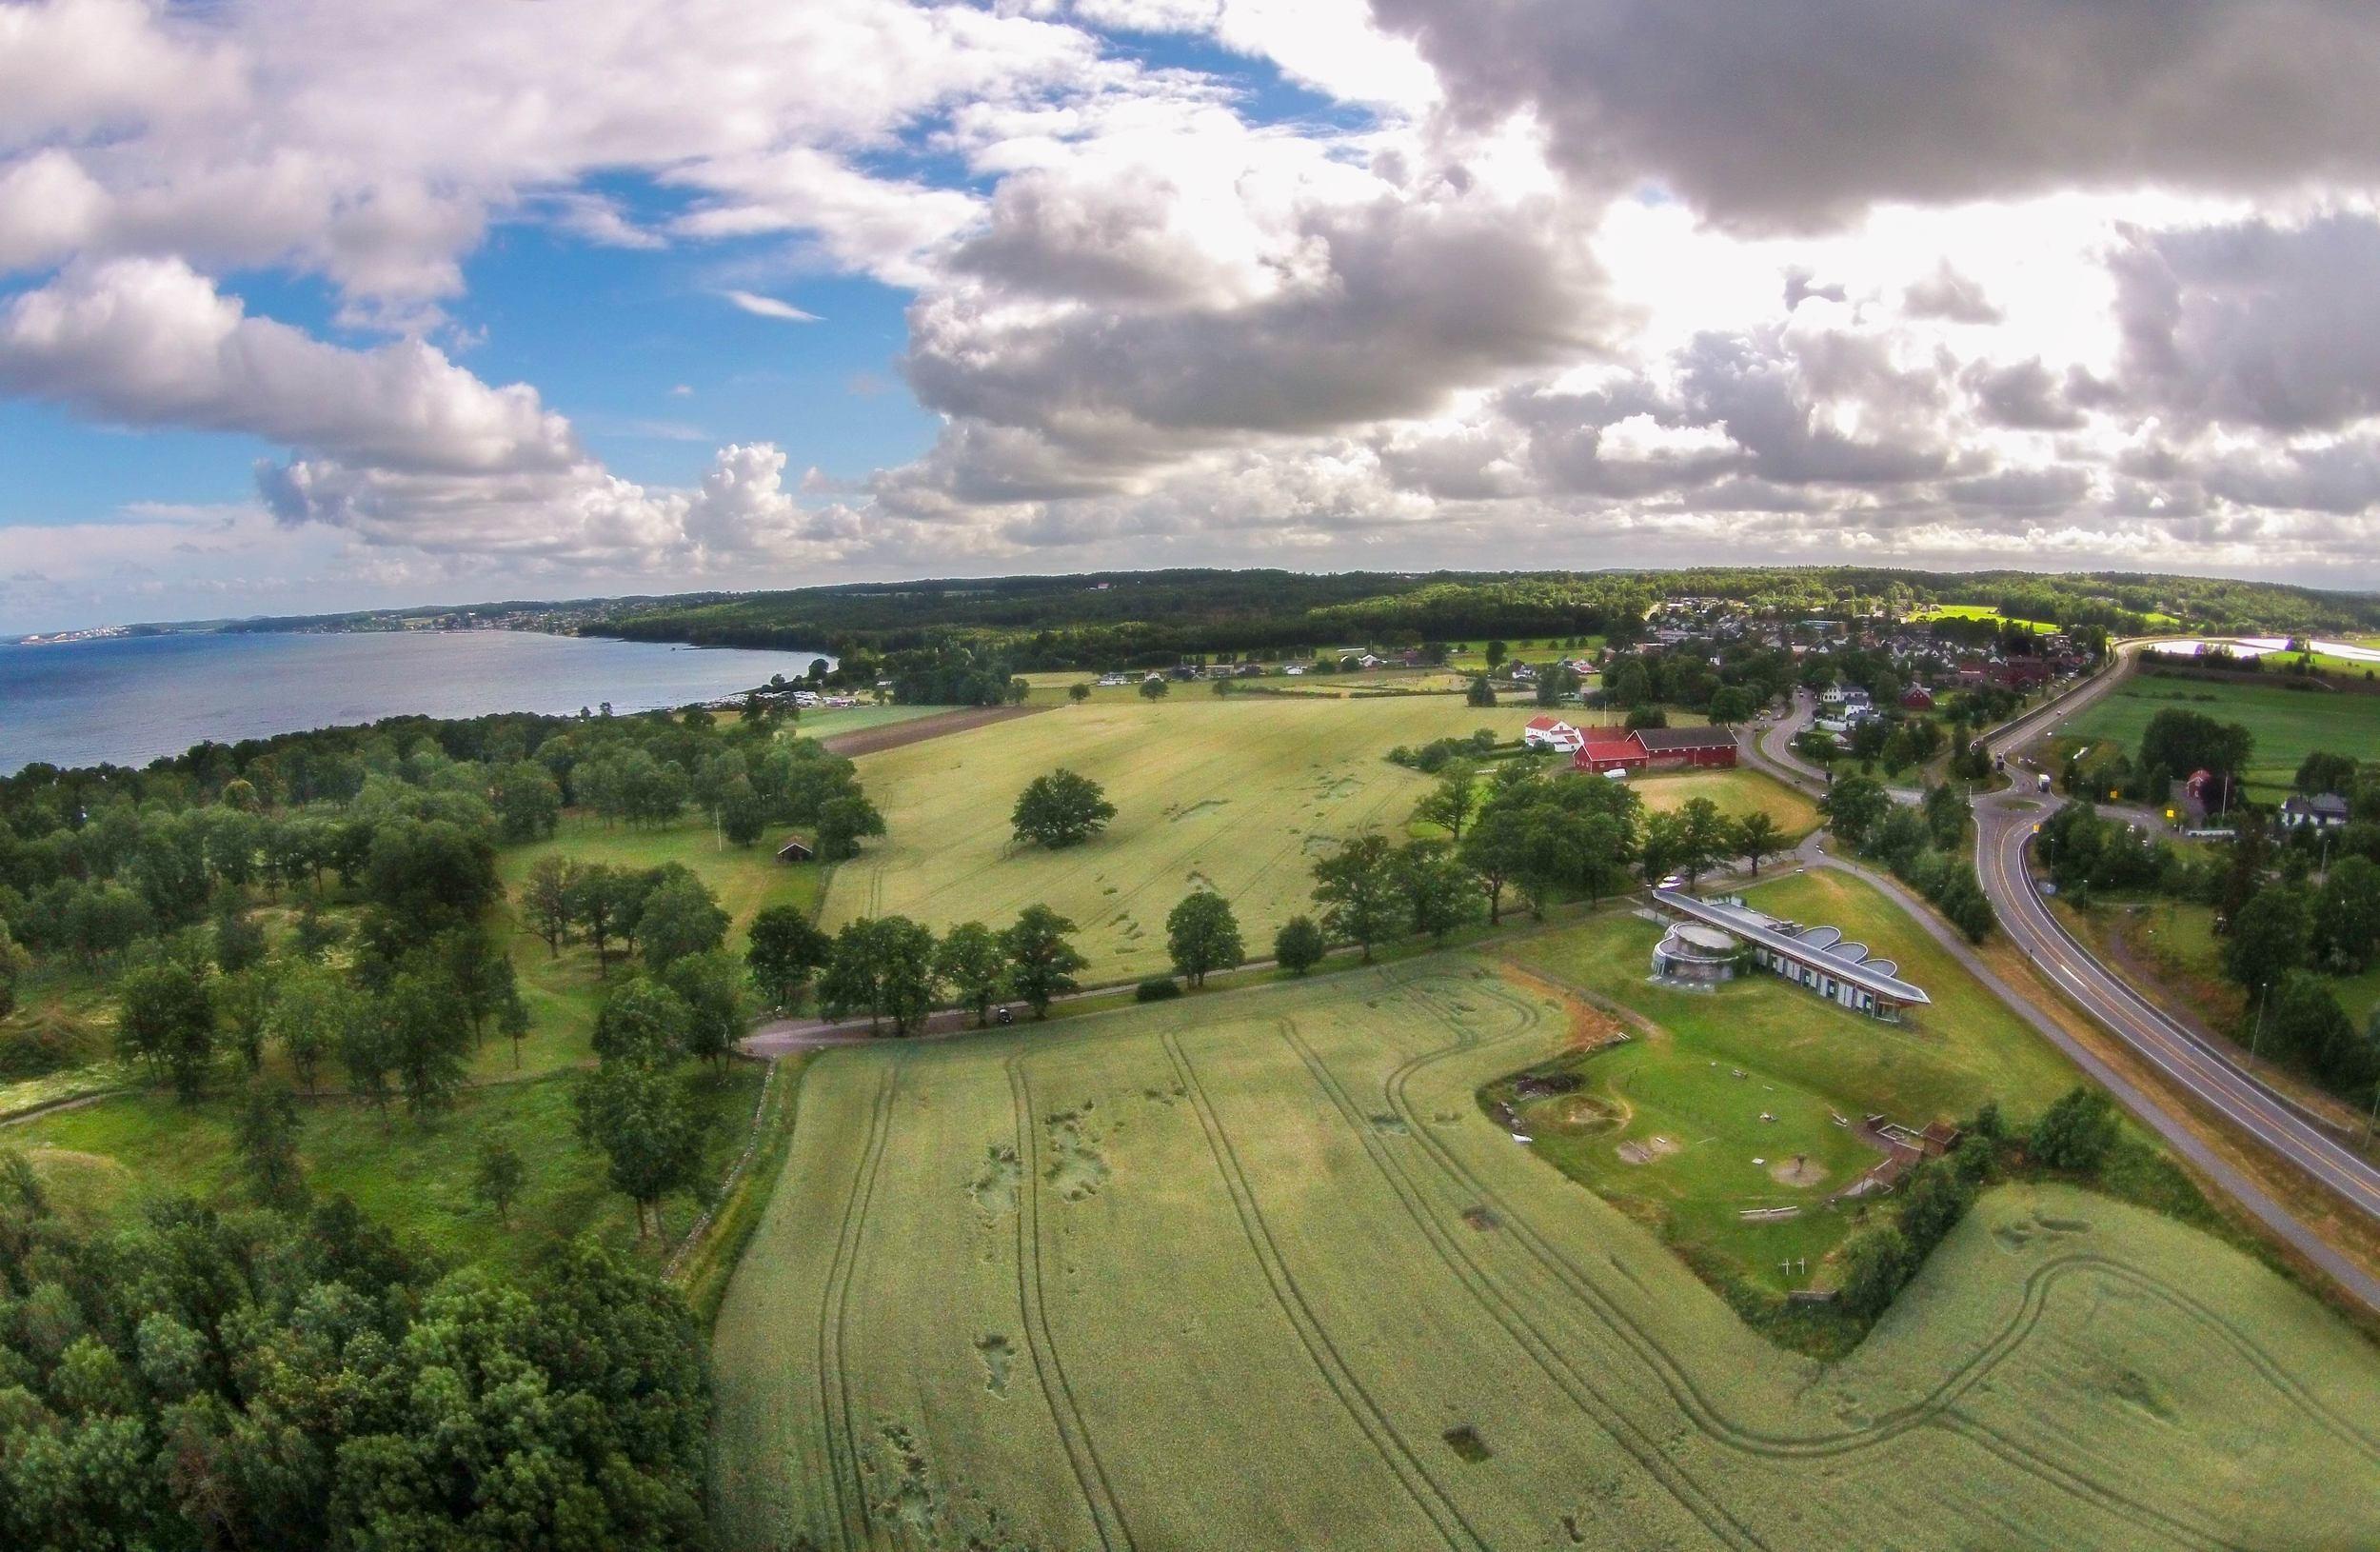 Et fantastisk frodig landskap i nærhet til sjøen gjorde nok valget av Borre som hovedsete for vikingene til et naturlig og strategisk valg av boplass.